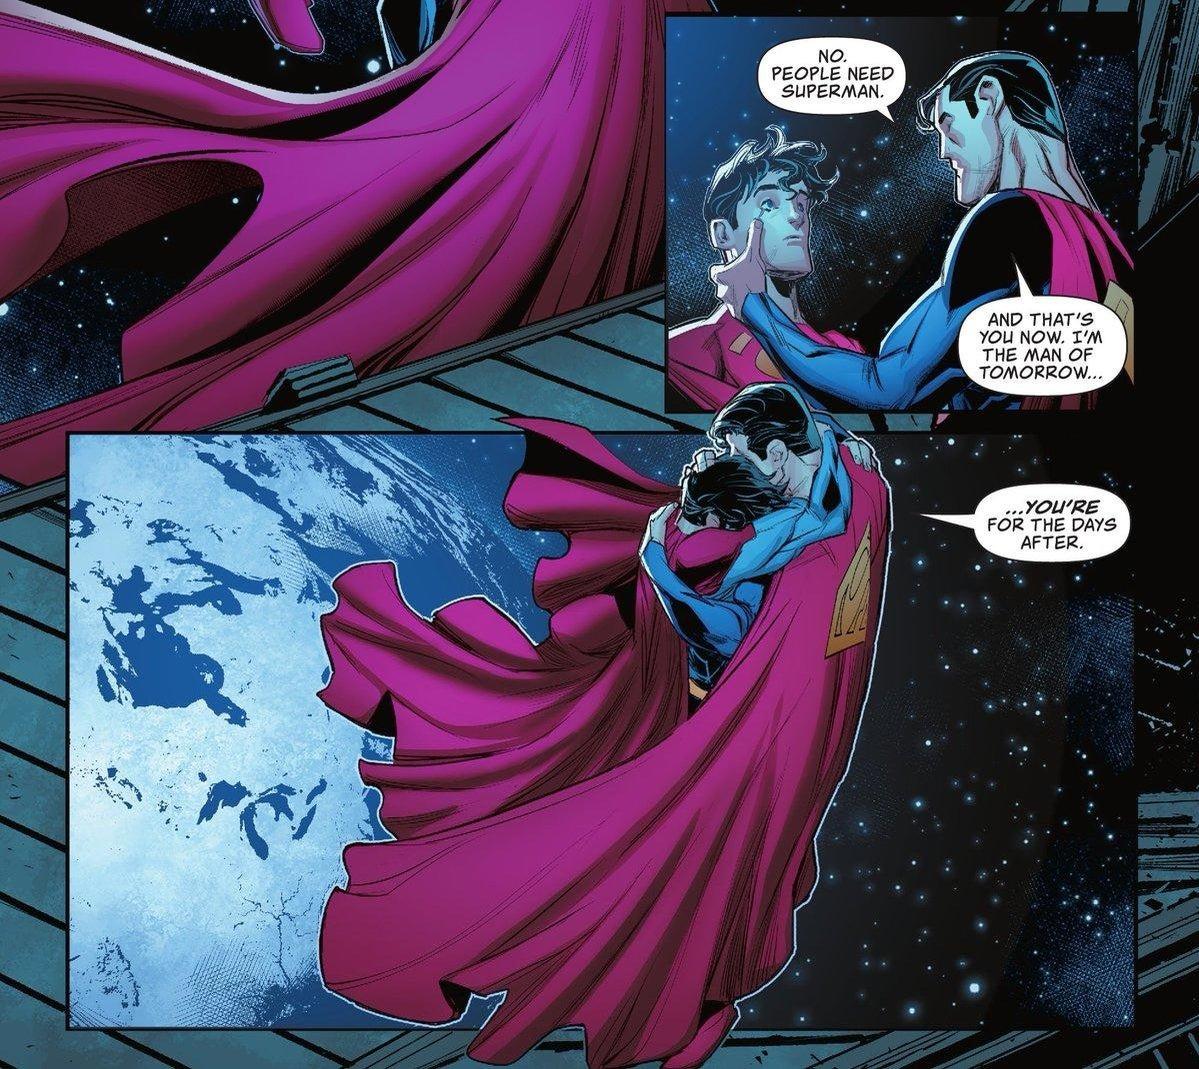 DC официально представили нового Супермена